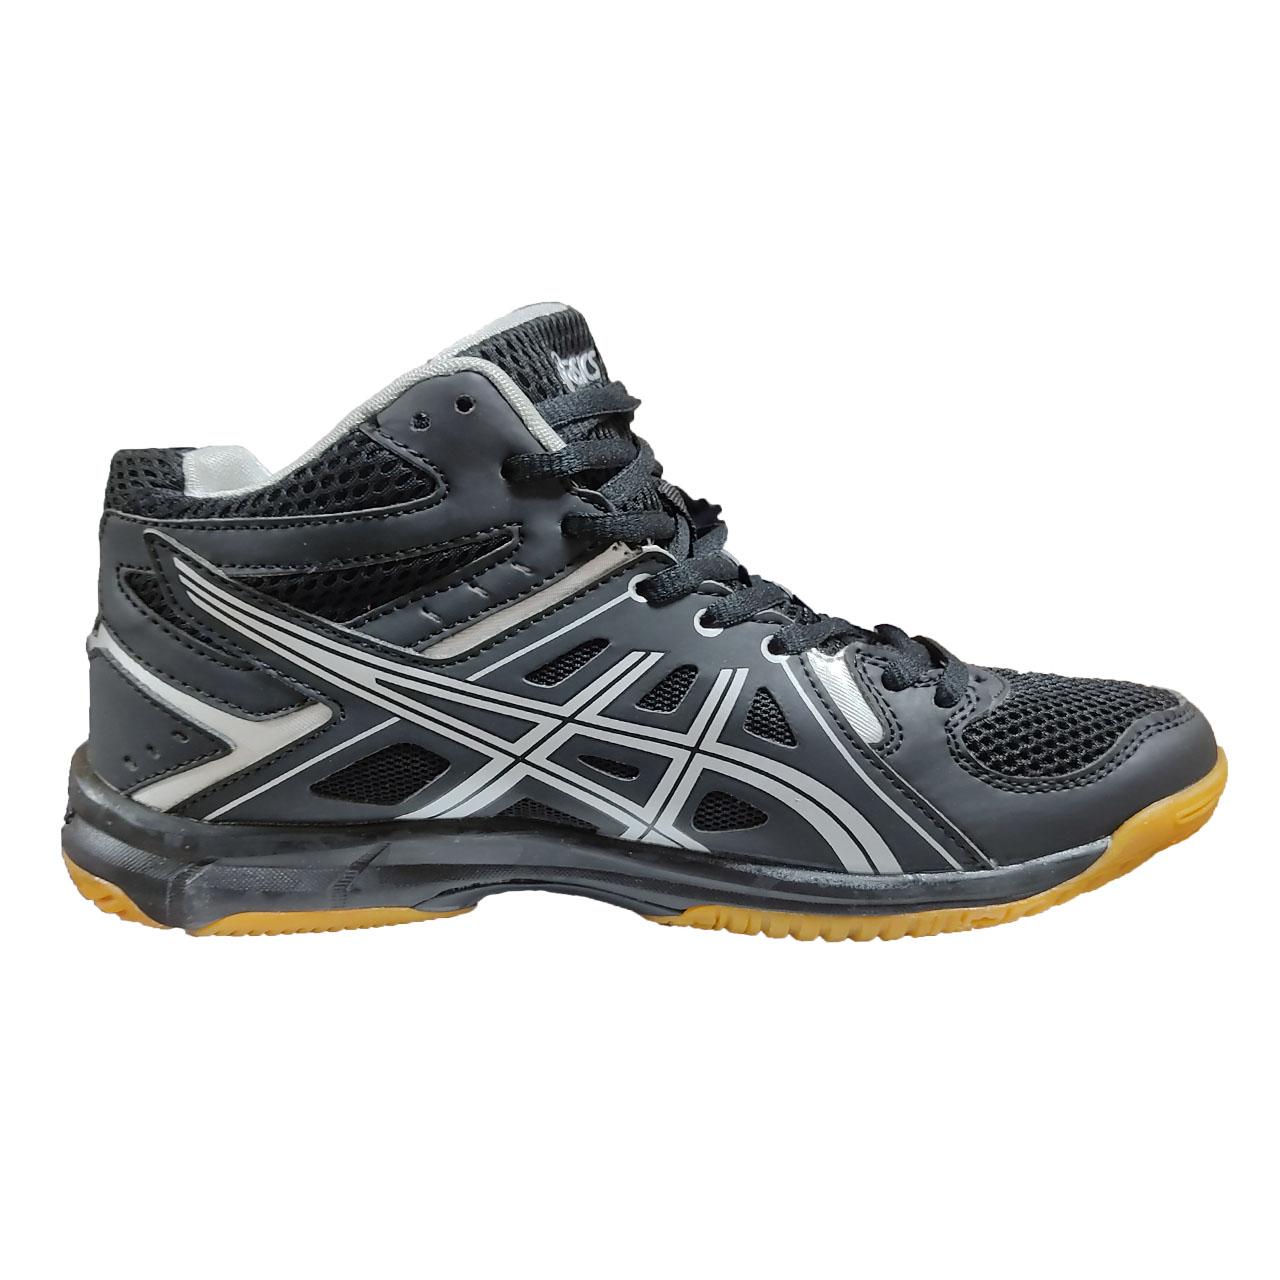 خرید                      کفش والیبال مردانه مدل GEL -TASK